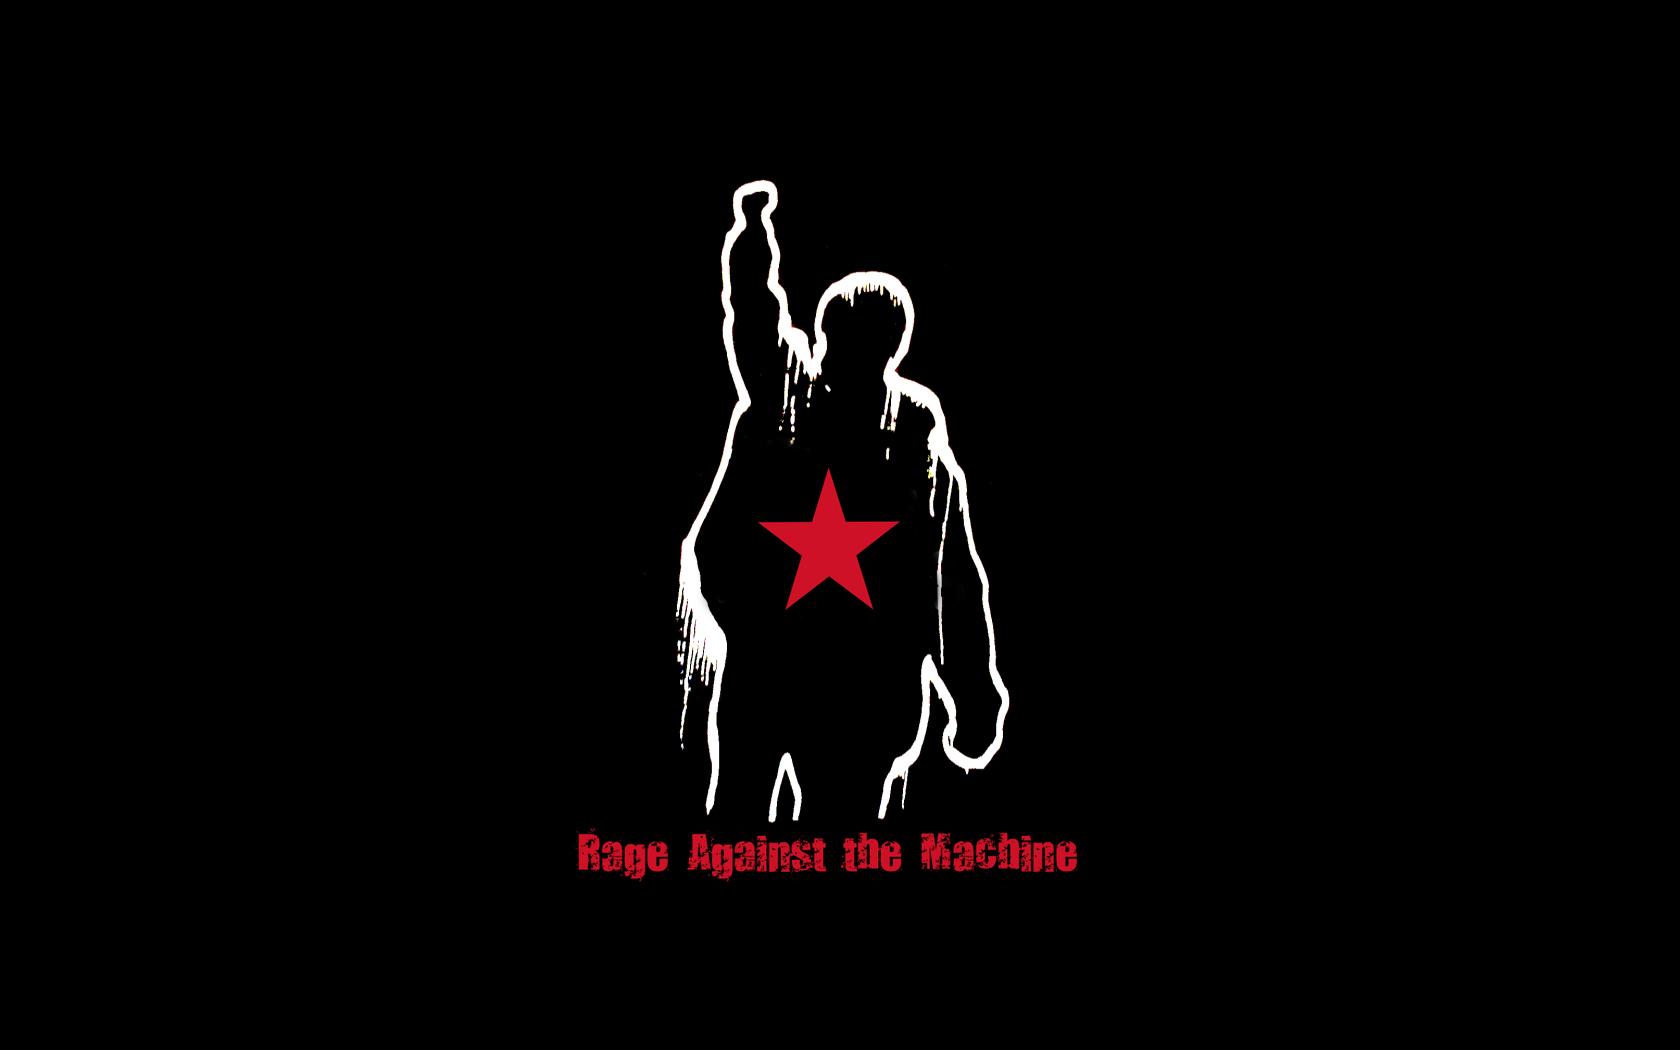 Rage Against The Machine By Leonardi17 On DeviantArt